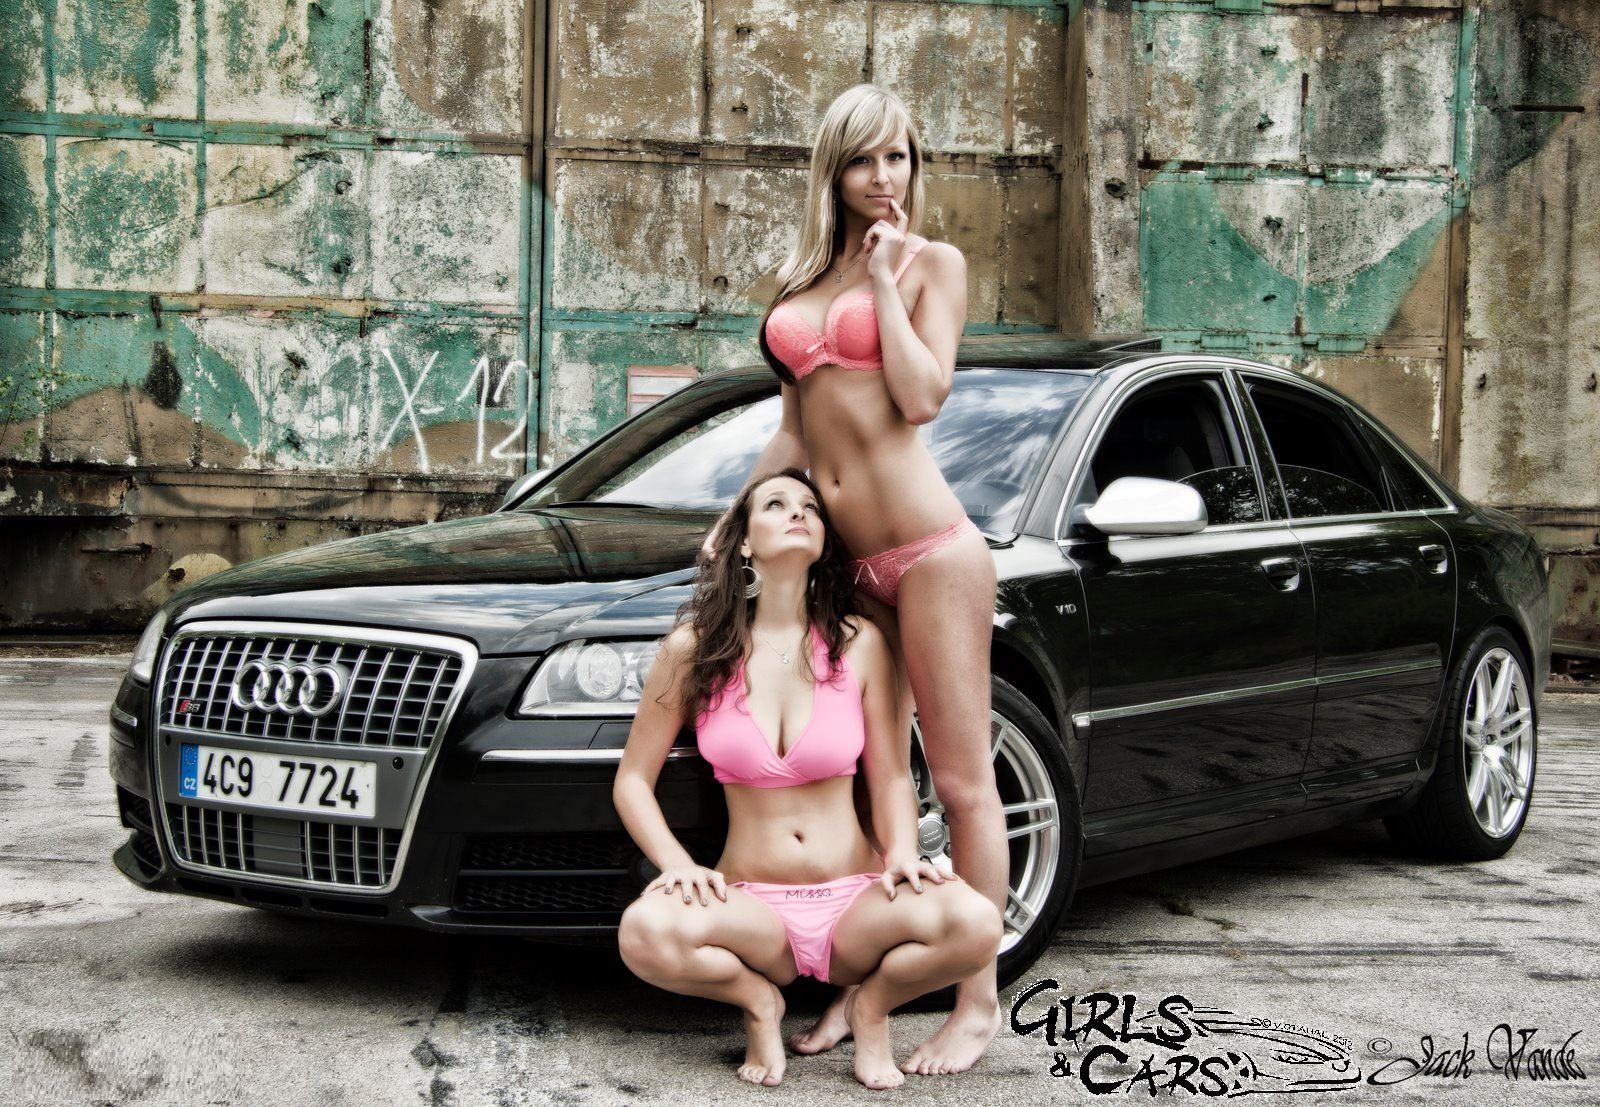 tijuana sex girls